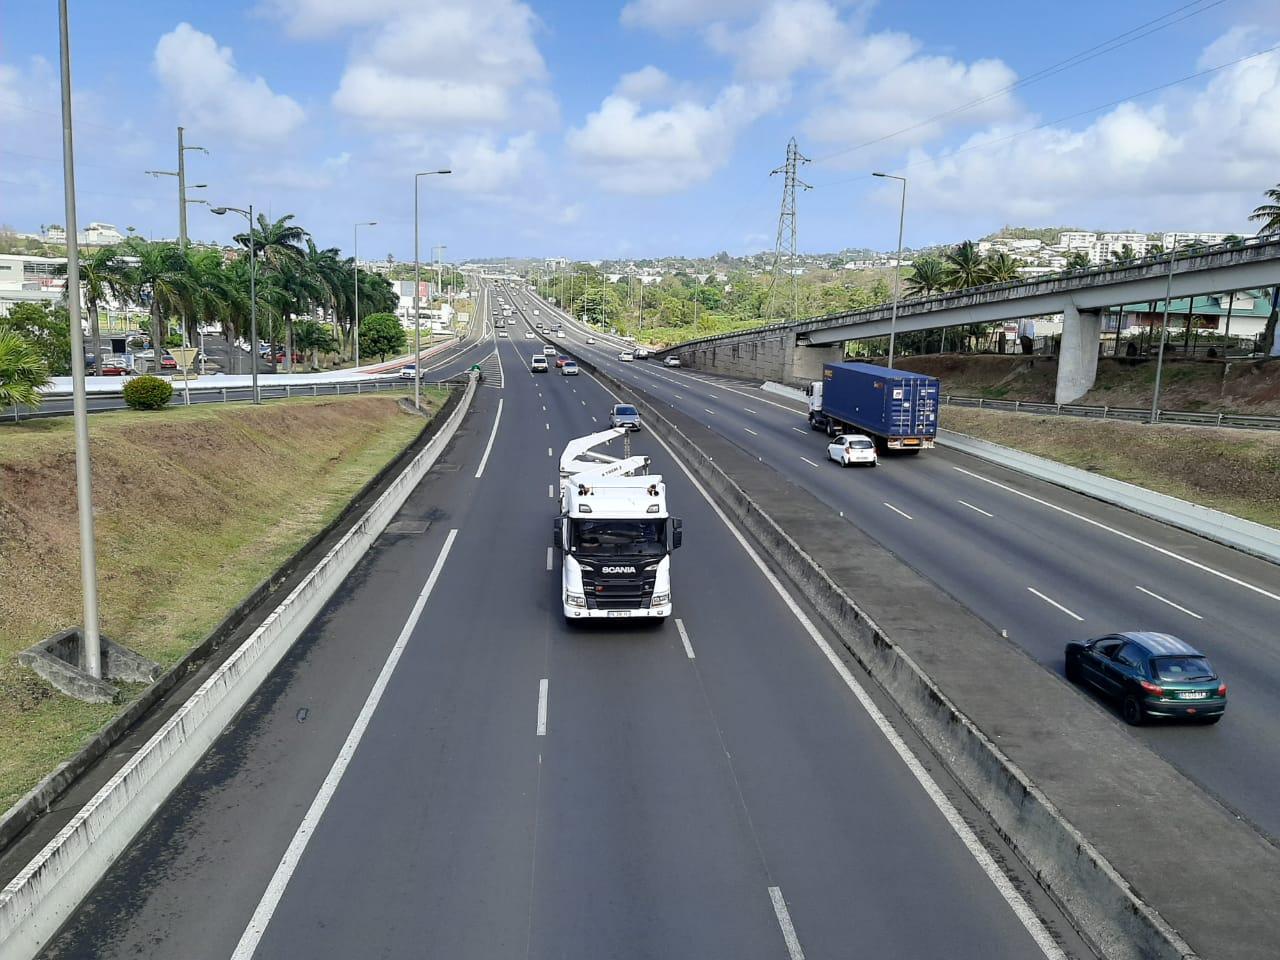 Nouvelle étape de déconfinement en Martinique : fin des restrictions de déplacements en journée, couvre-feu maintenu à 19 heures